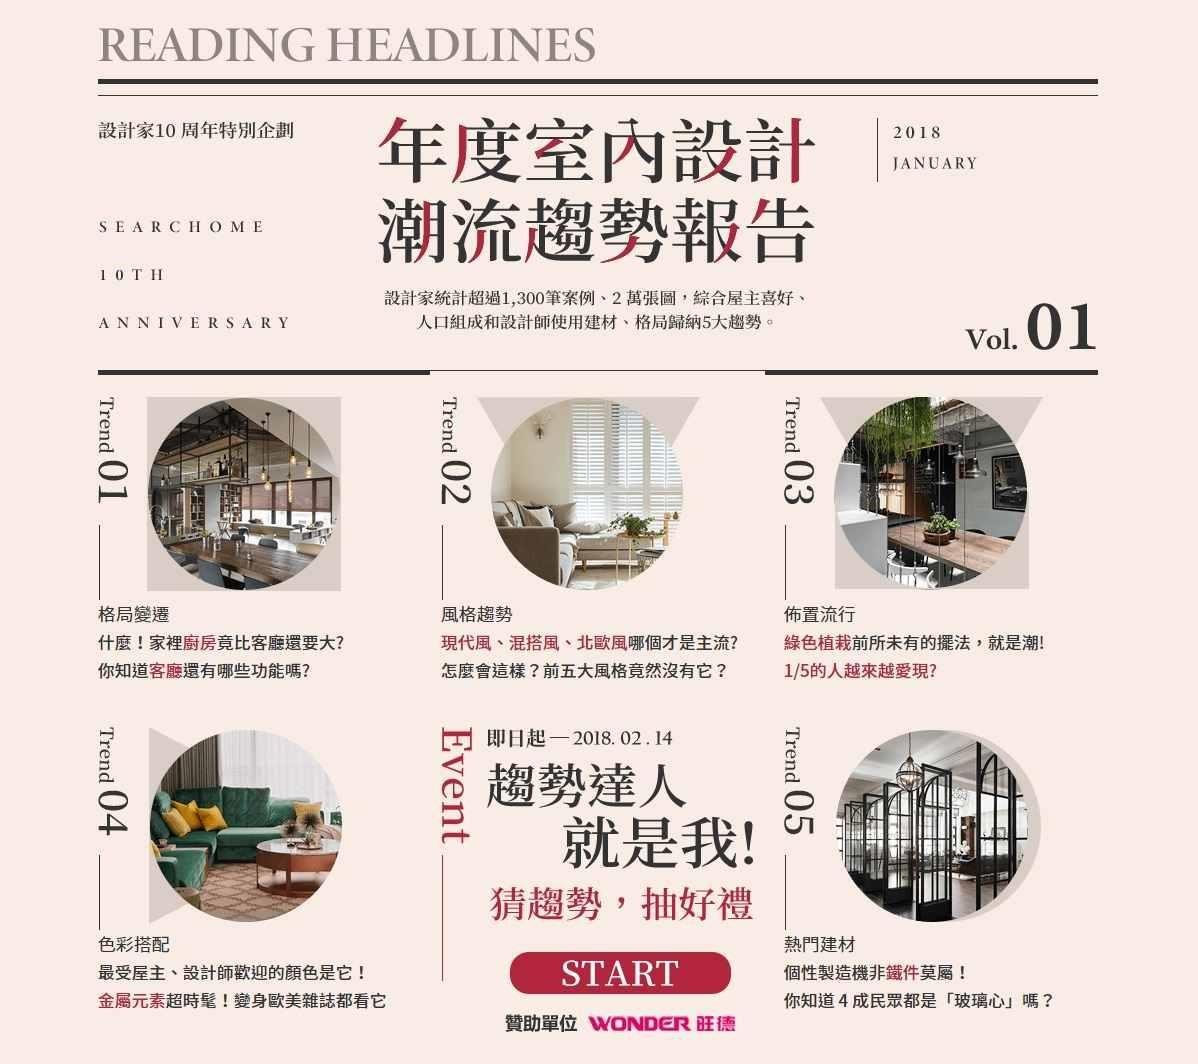 設計家網站元月18日發表「2018年度室內設計潮流趨勢報告」,針對格局、裝潢風格、建材、居家布置、色彩等五大項目進行趨勢研究。